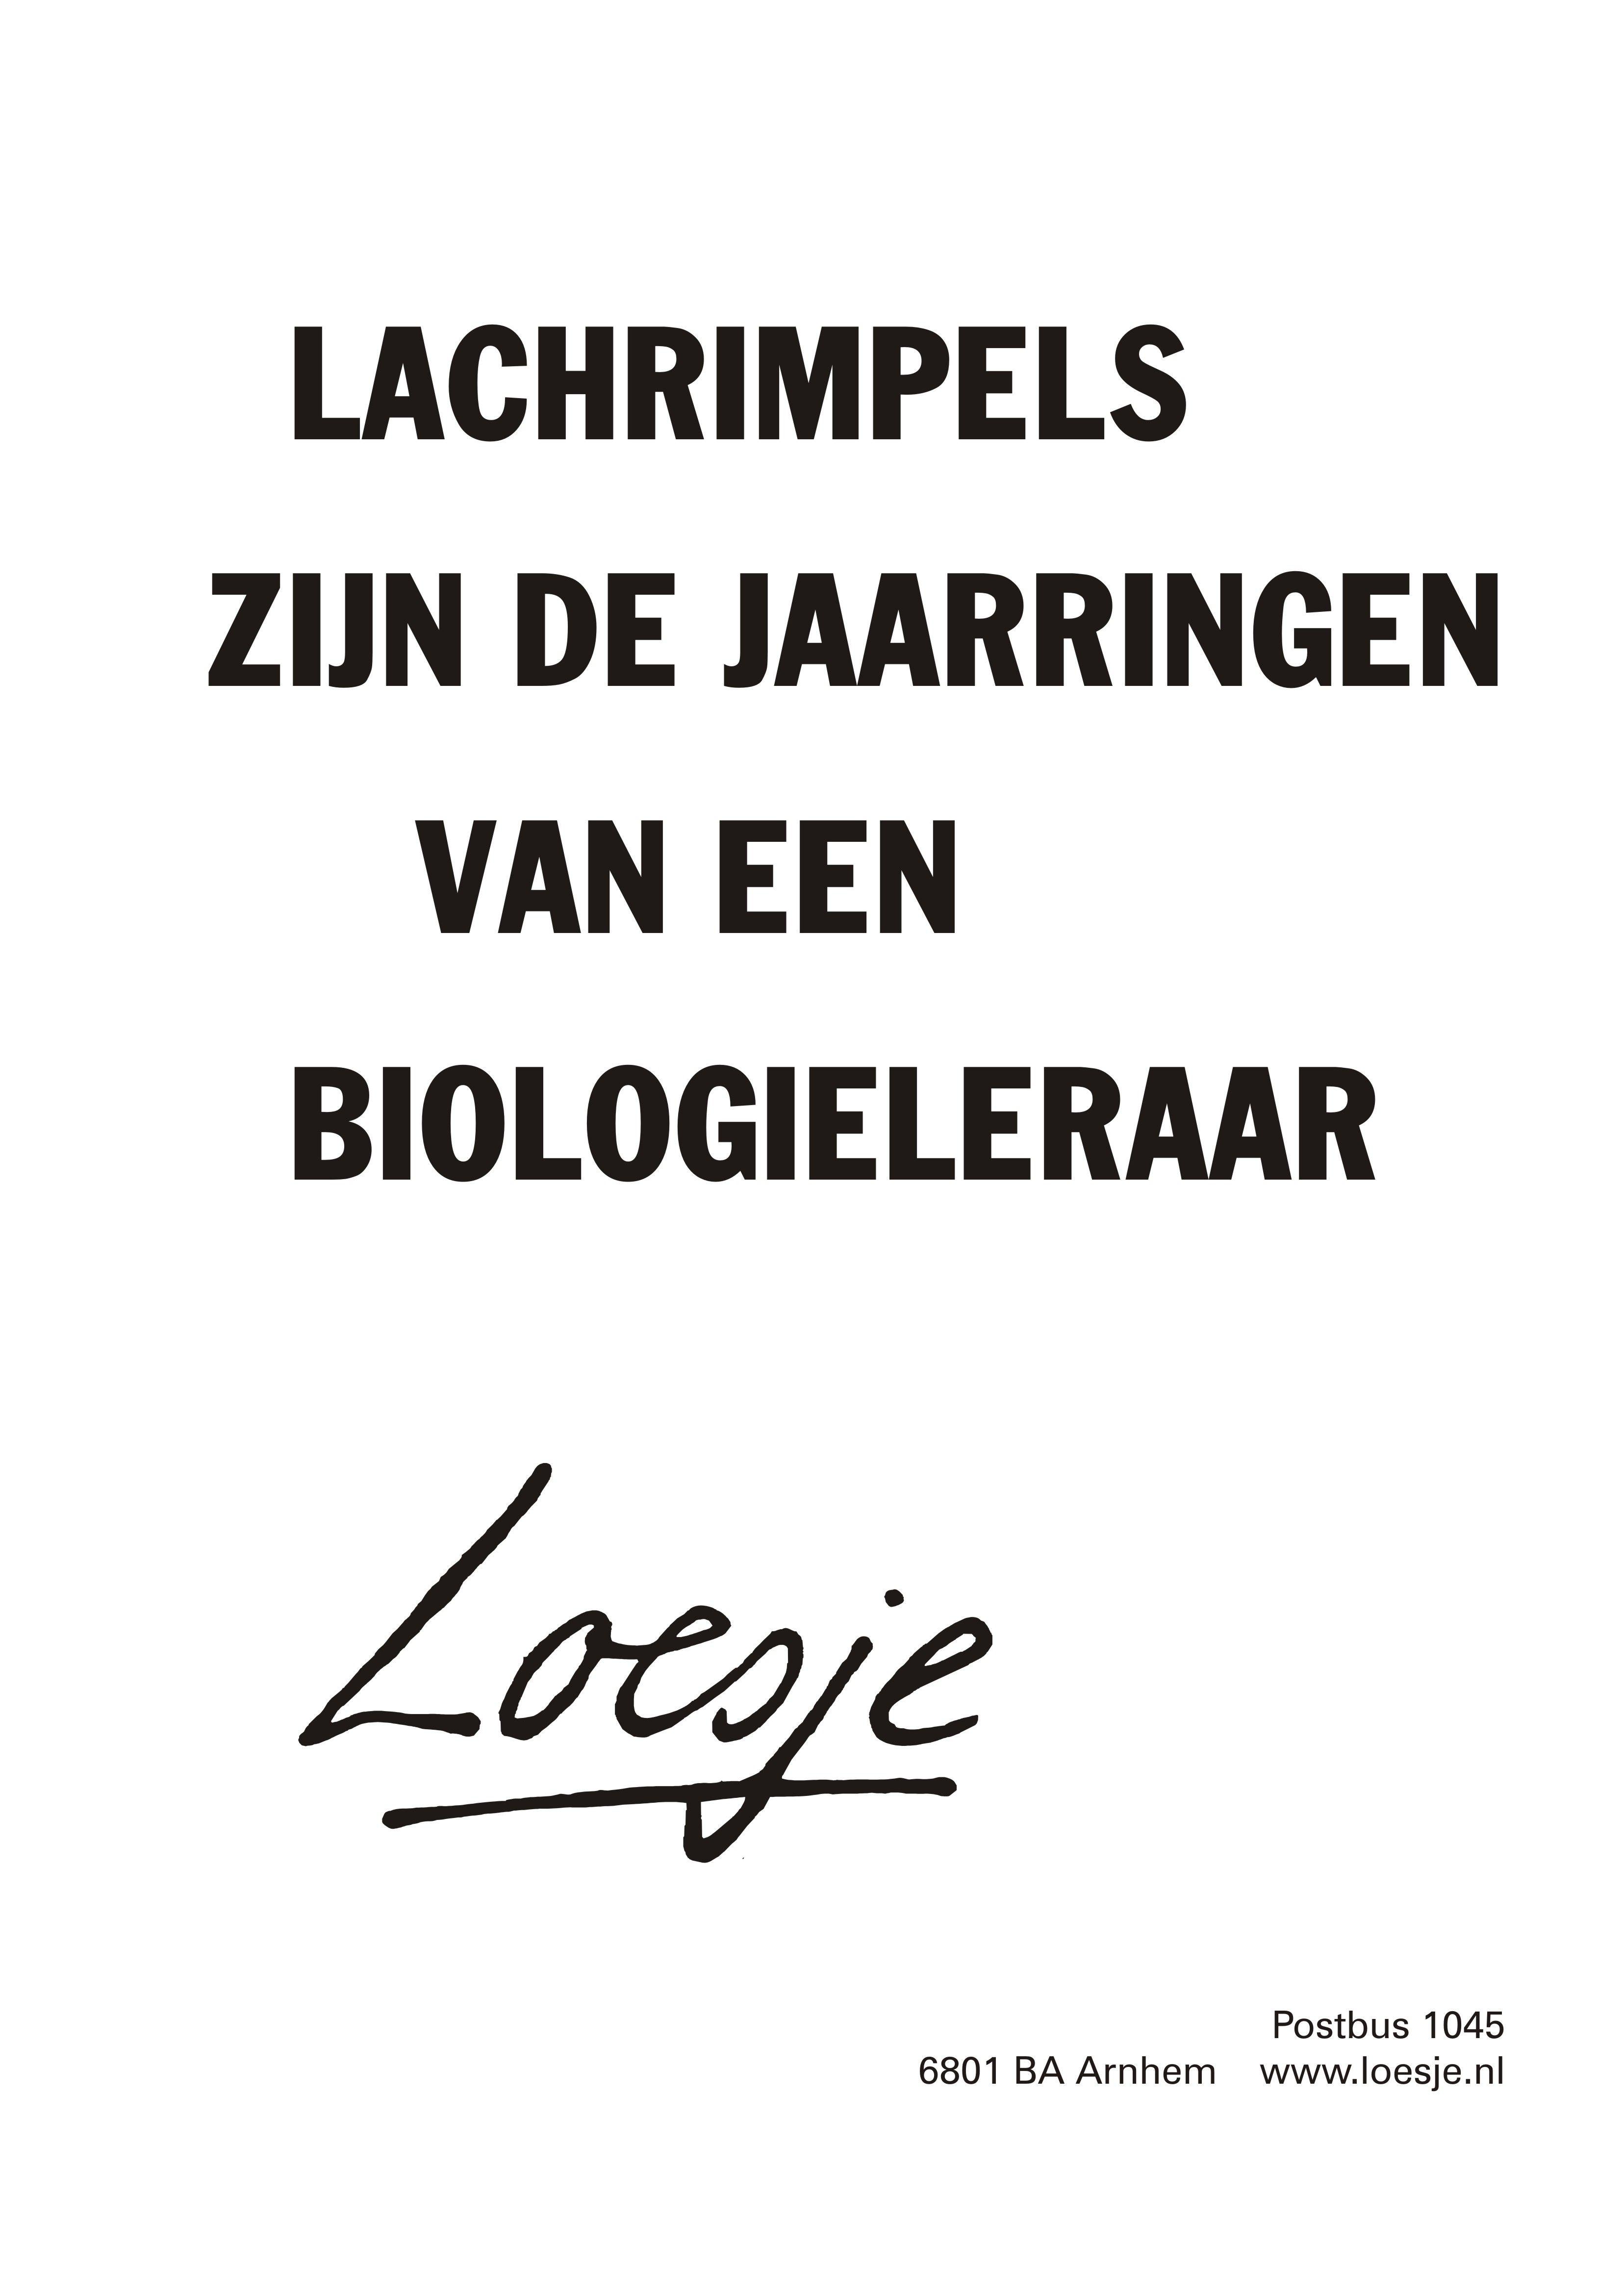 Citaten Van Loesje : Lachrimpels zijn de jaarringen van een biologieleraar